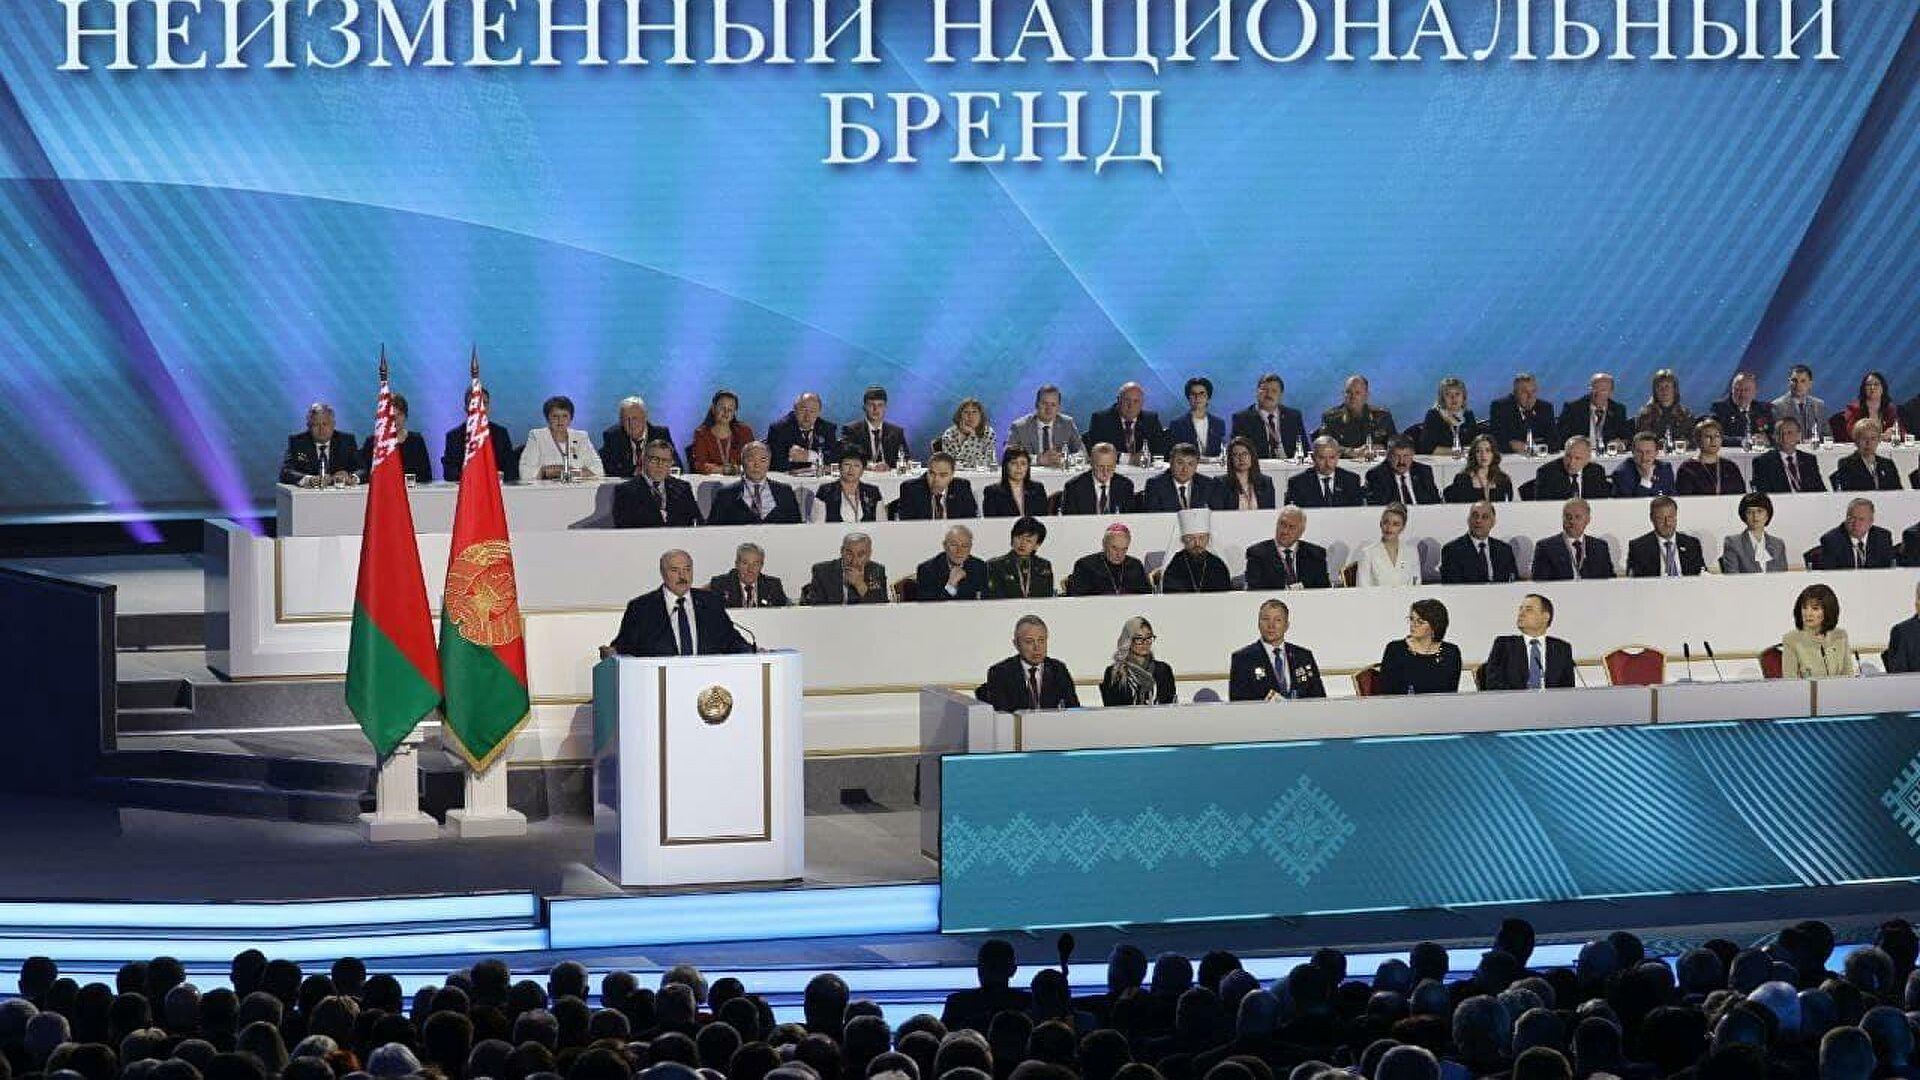 ЕУ продужила санкције Белорусији на годину дана